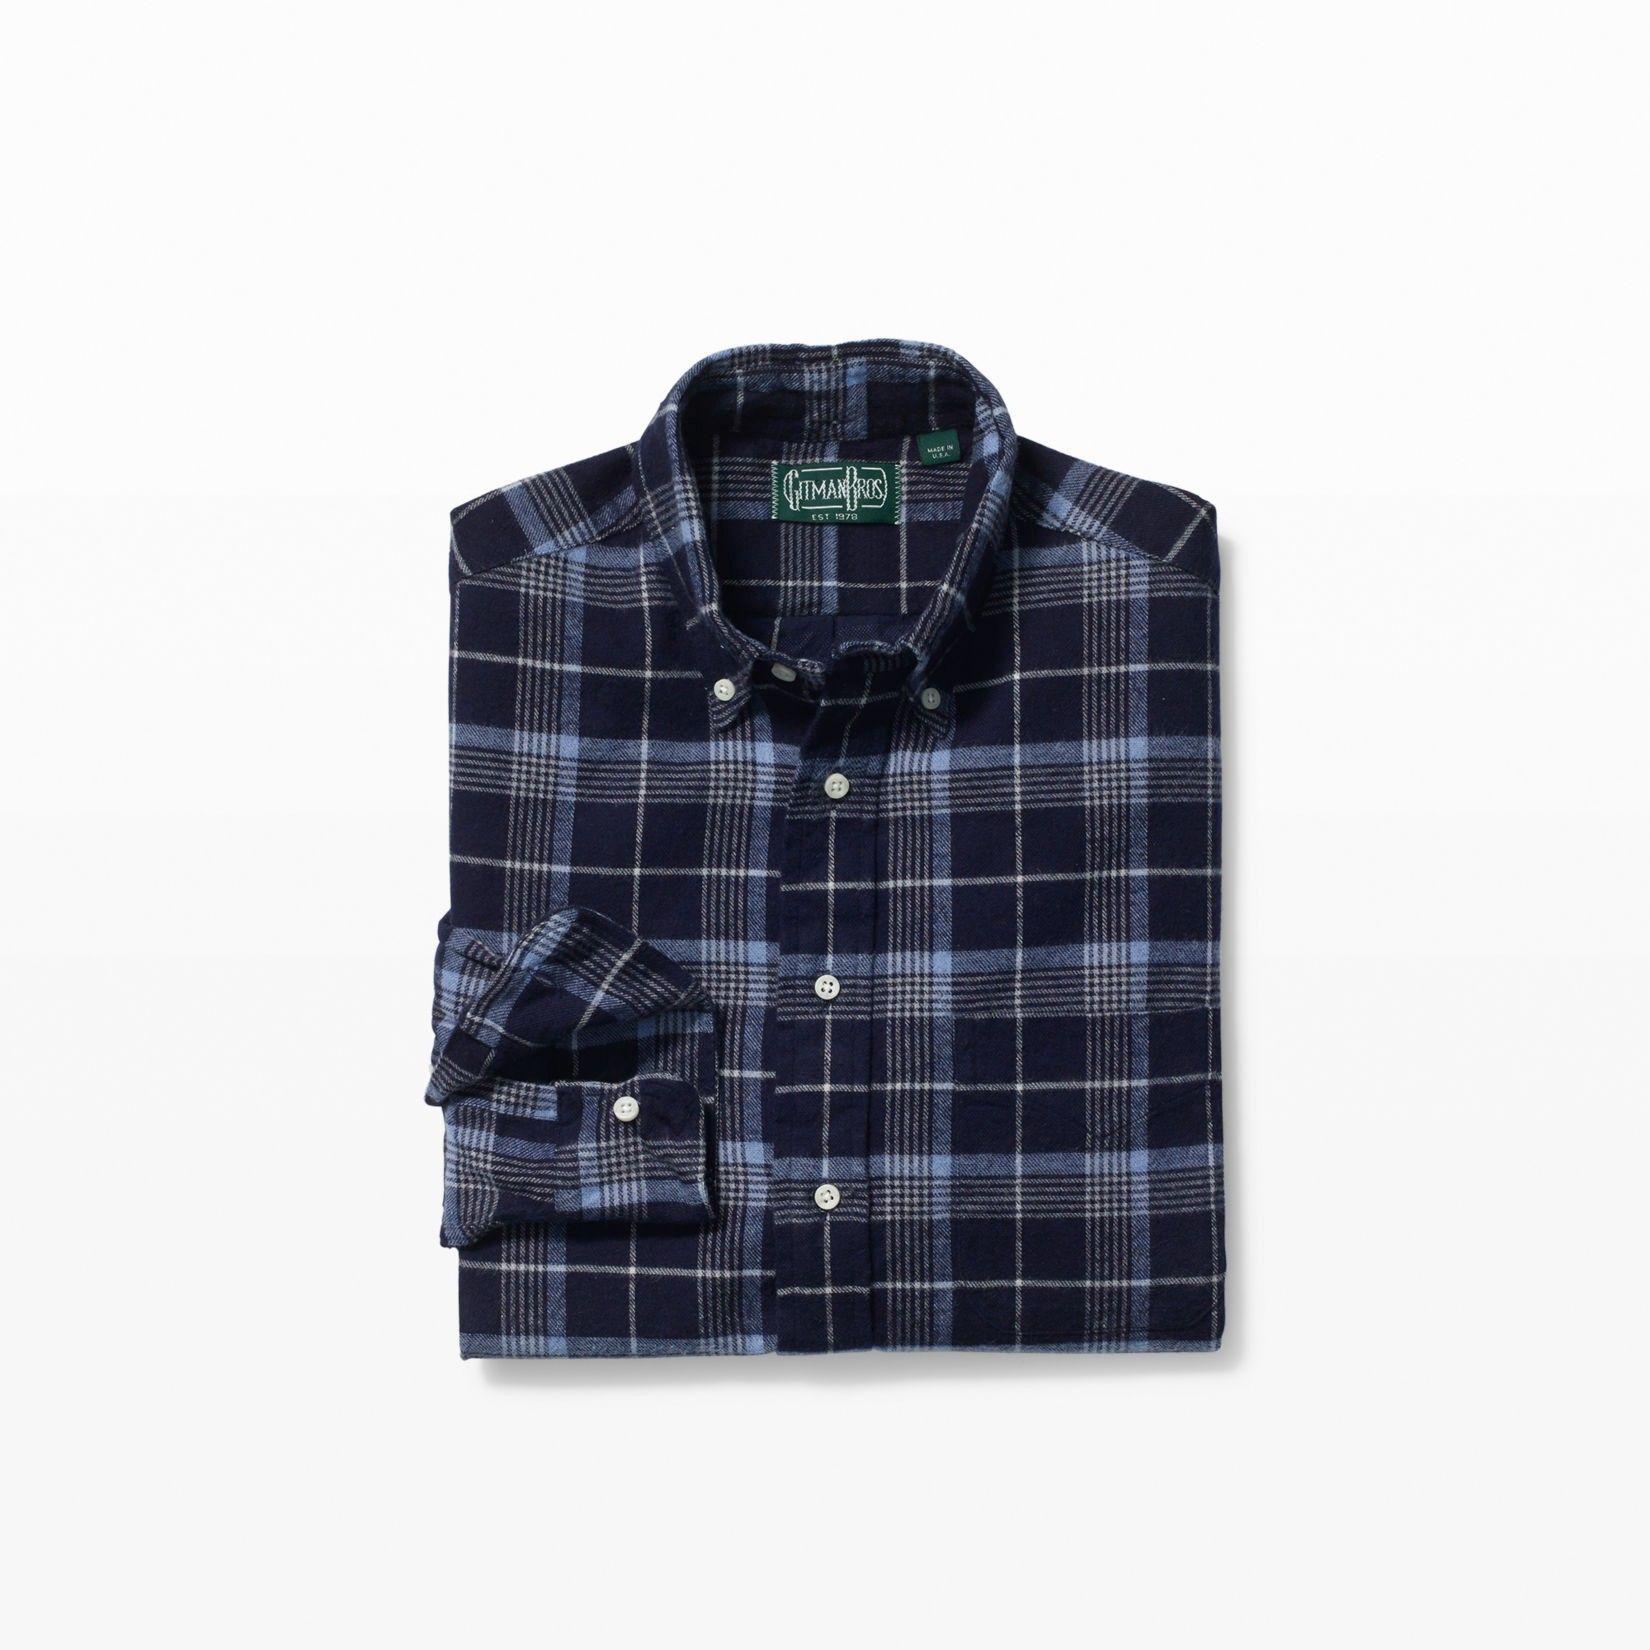 Flannel shirt with khaki pants  CLUB MONACO Gitman Flannel Shirt clubmonaco cloth   Club Monaco